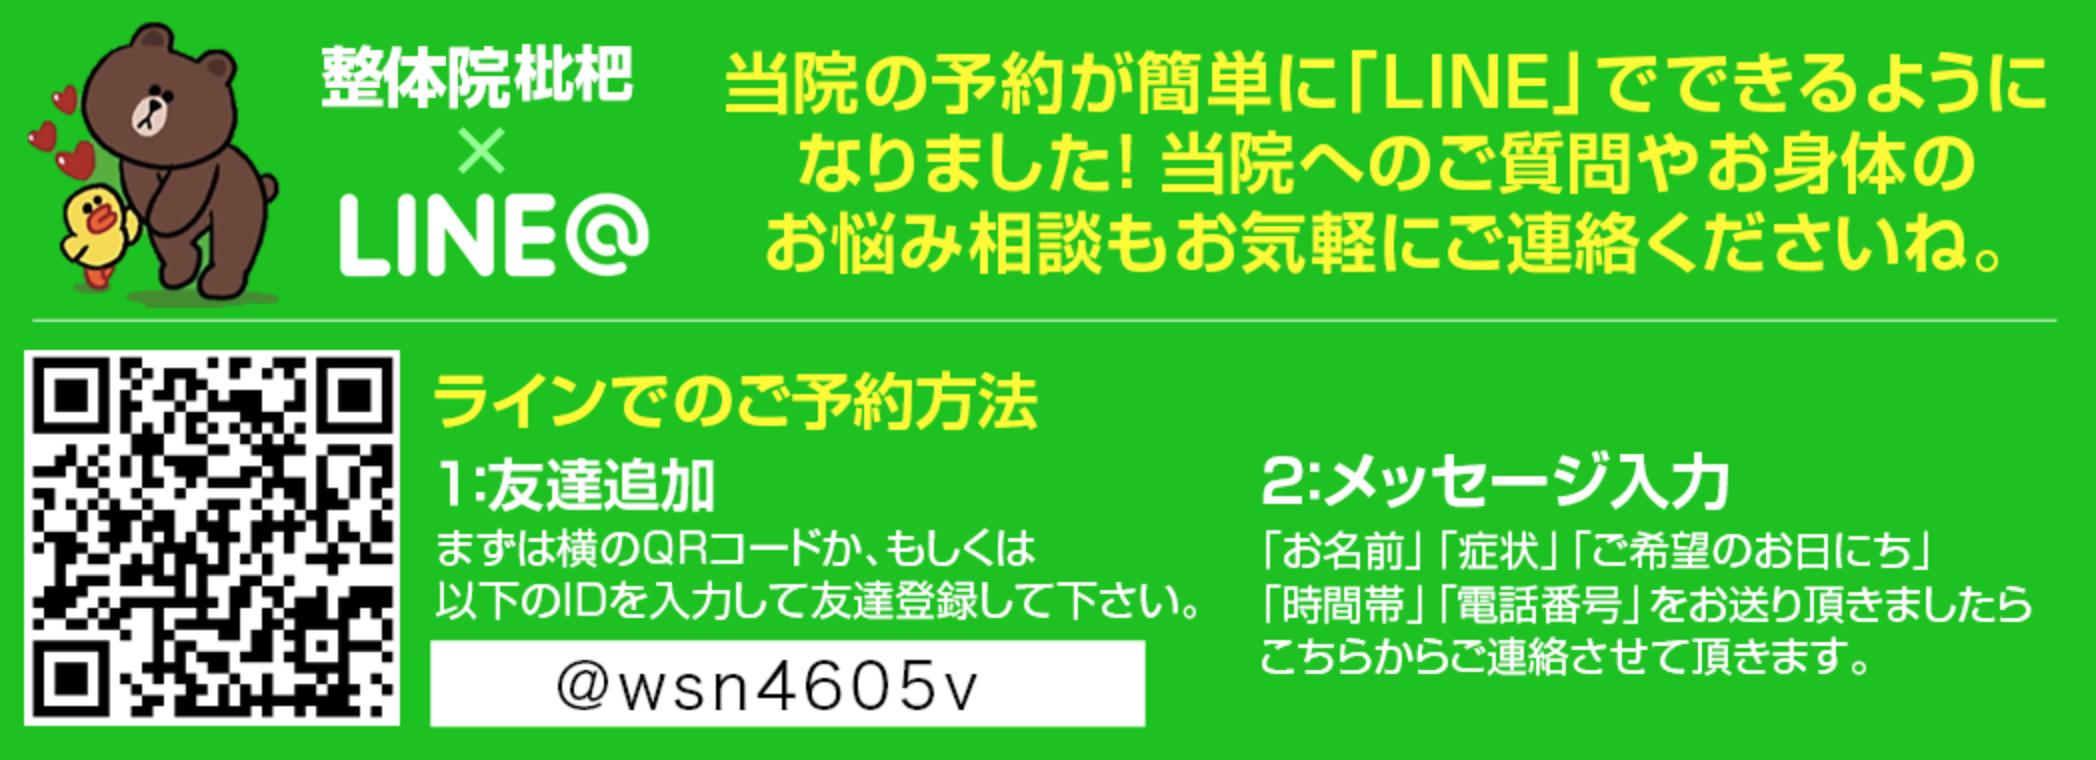 スクリーンショット 2019-03-25 14.37.15